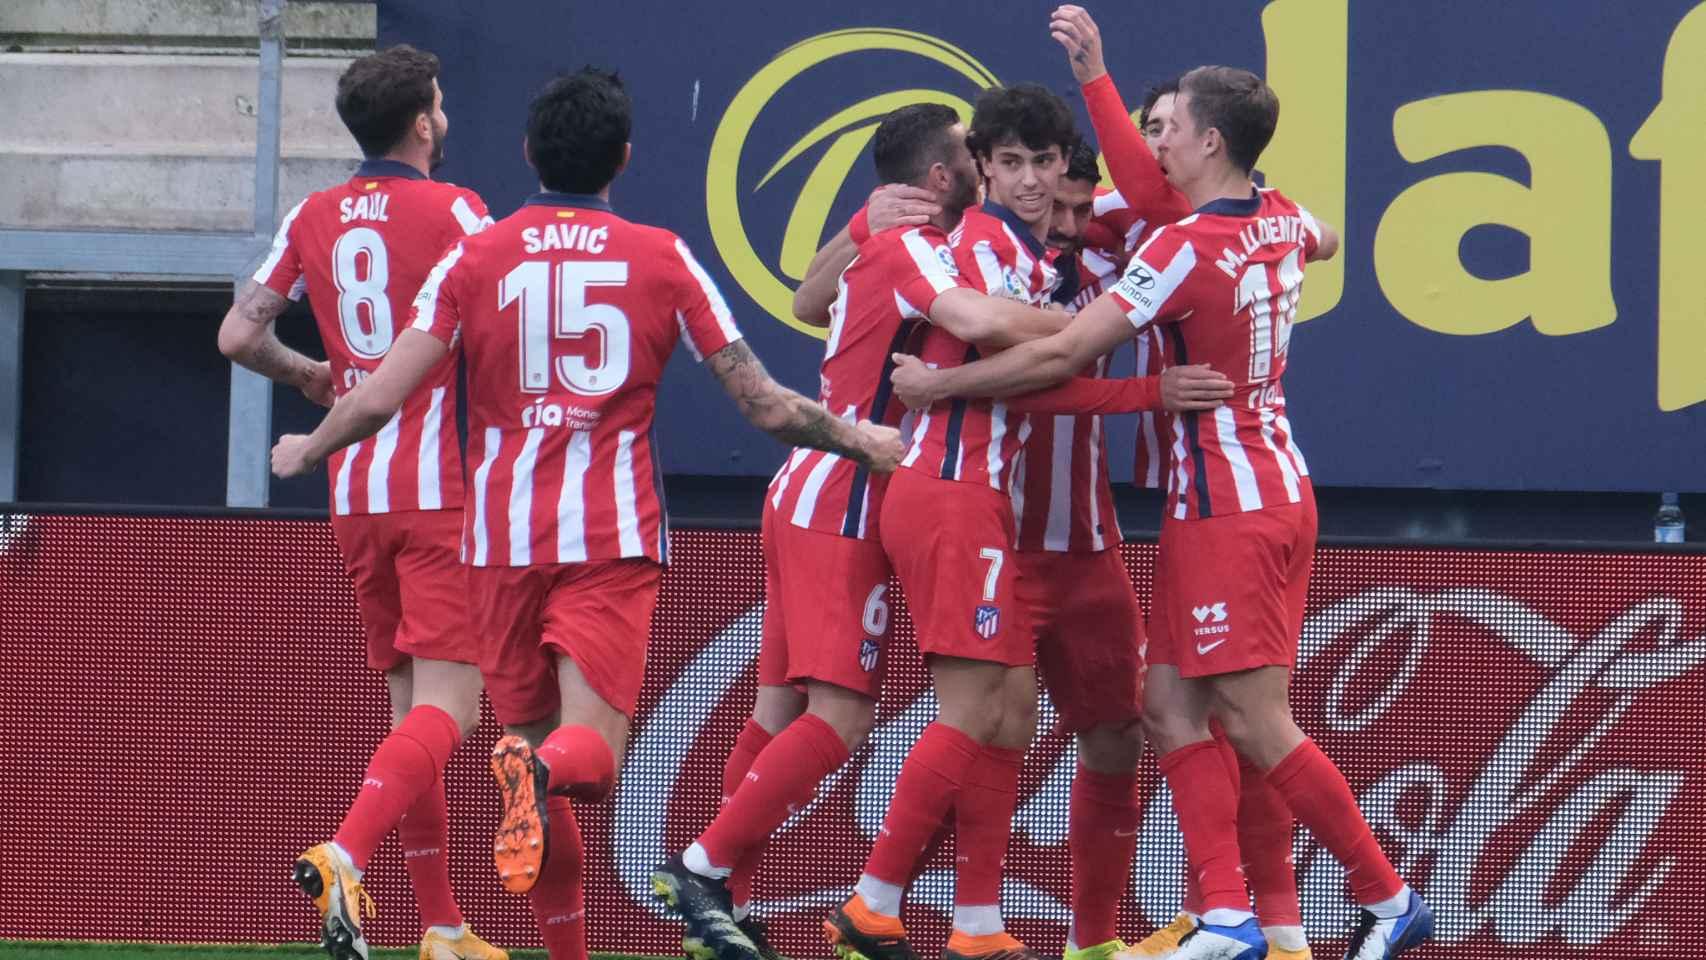 El Atlético celebra en una piña el gol de Luis Suárez